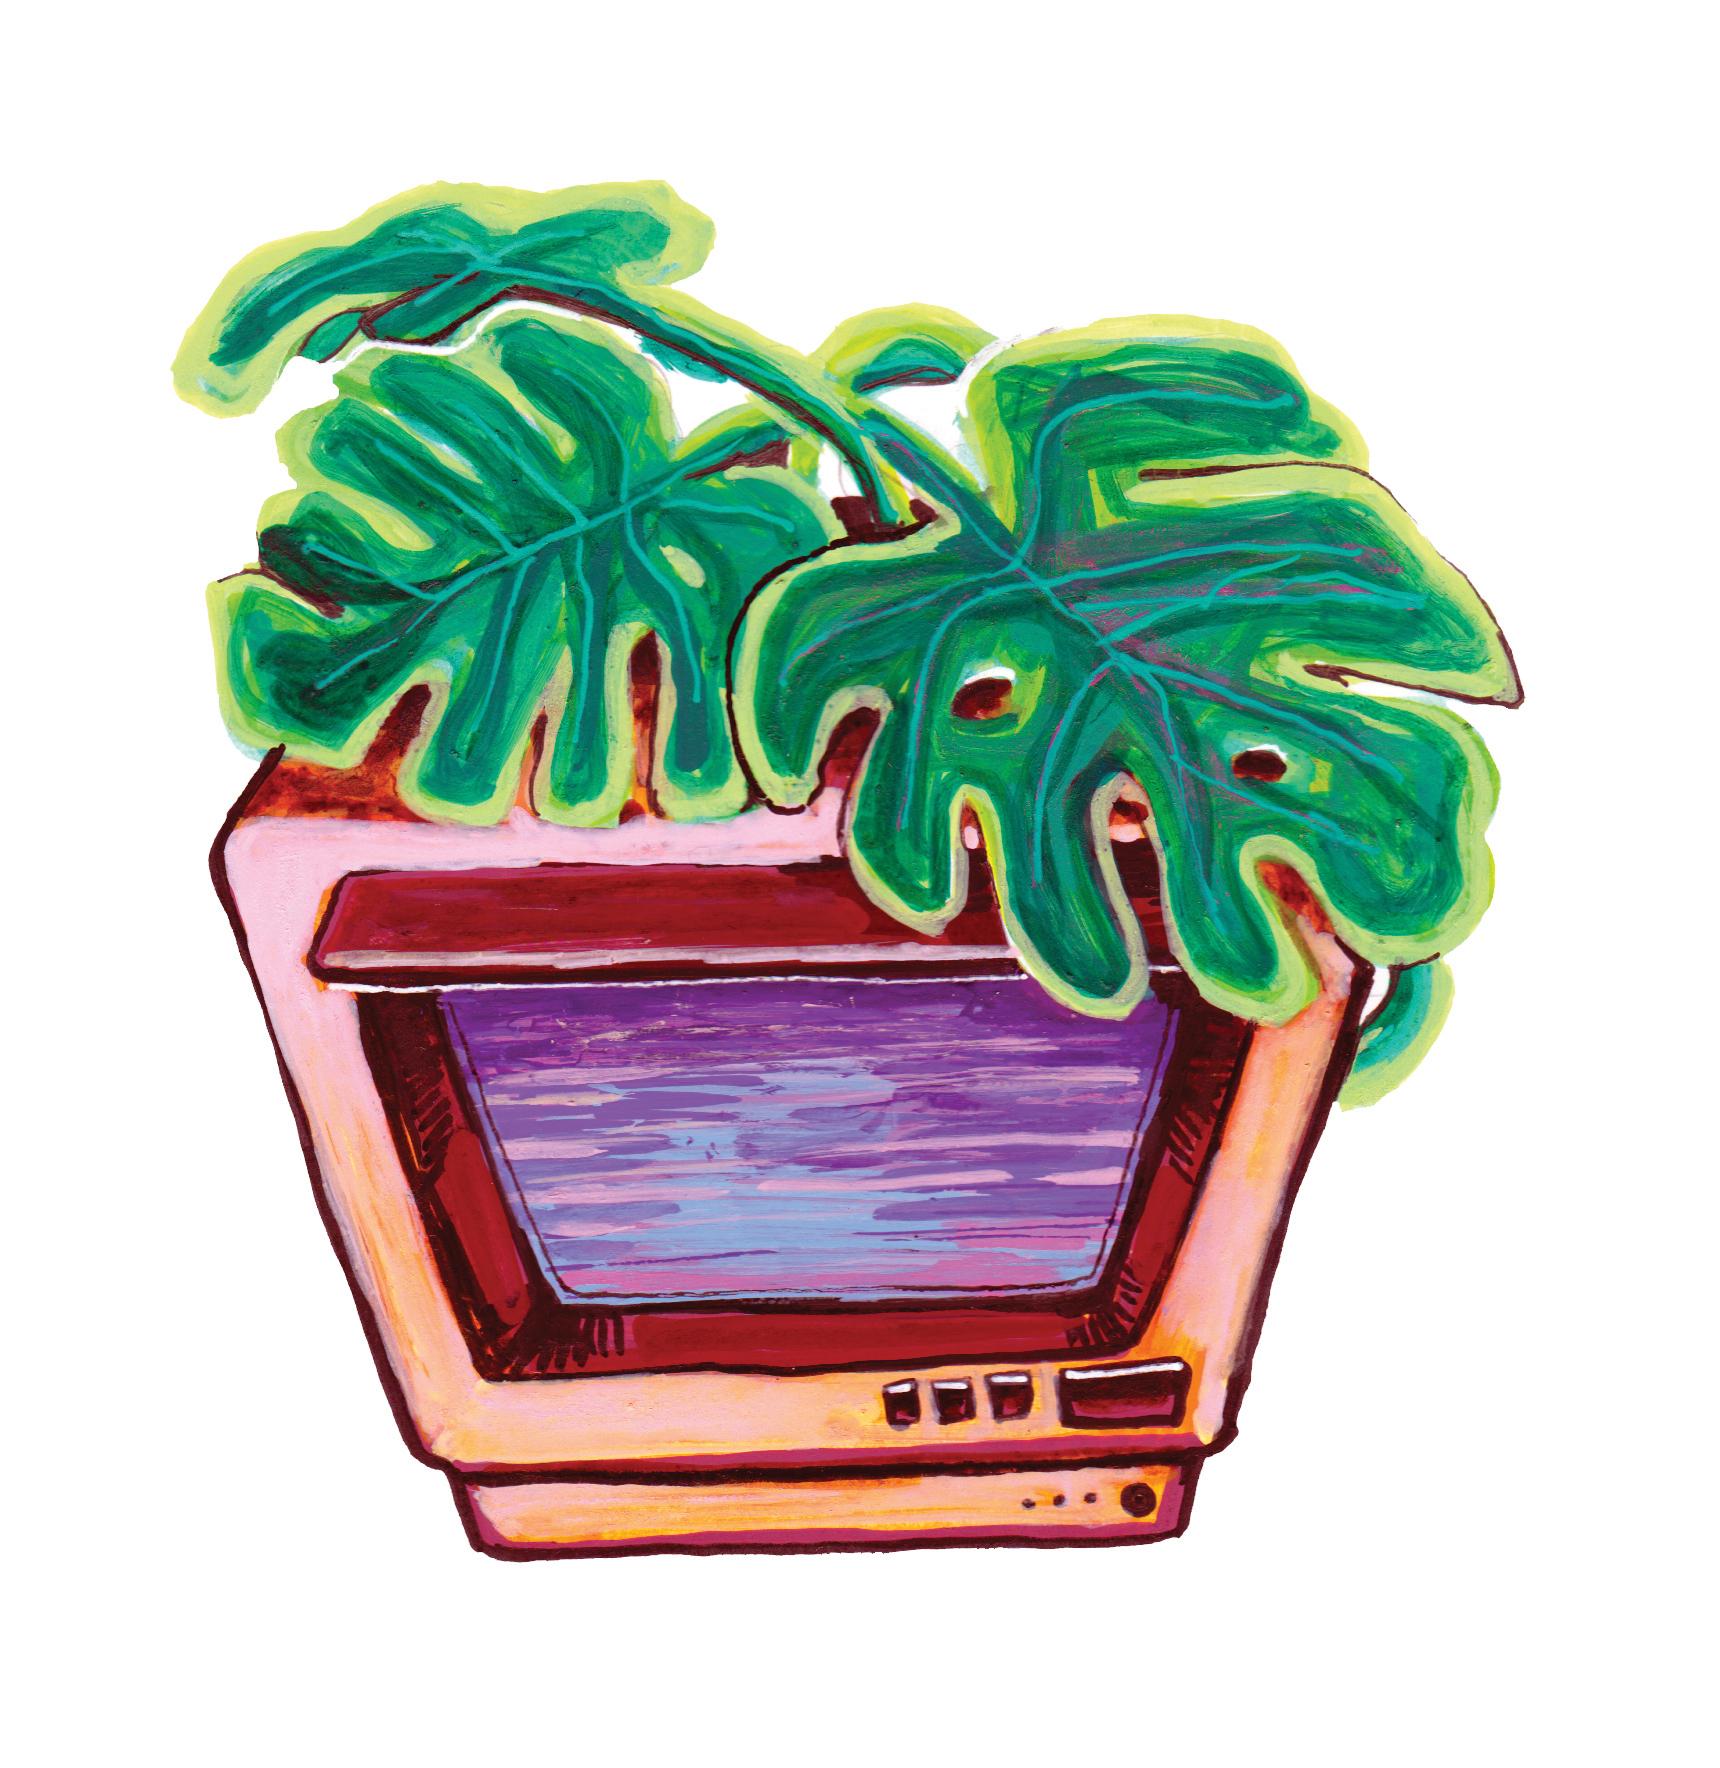 TV, leaf, illustration